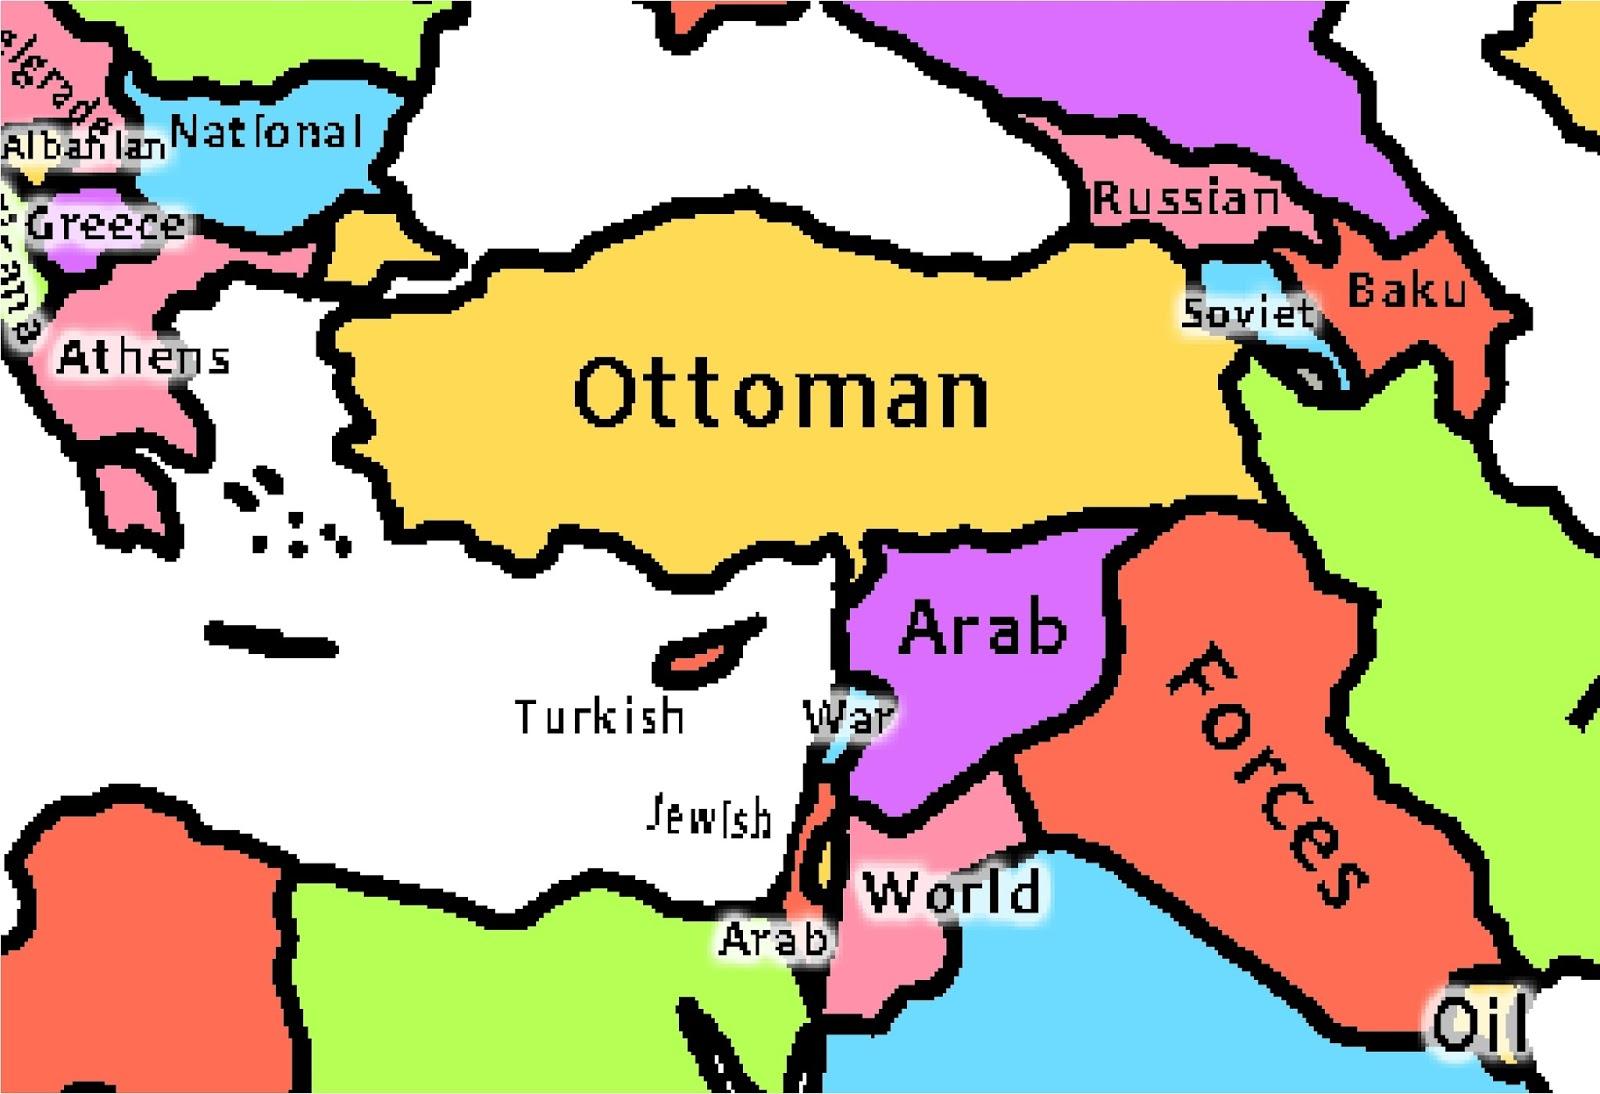 Coğrafik Ruh Harita Her ülkenin Wikipedia Sayfasında Yinelenen